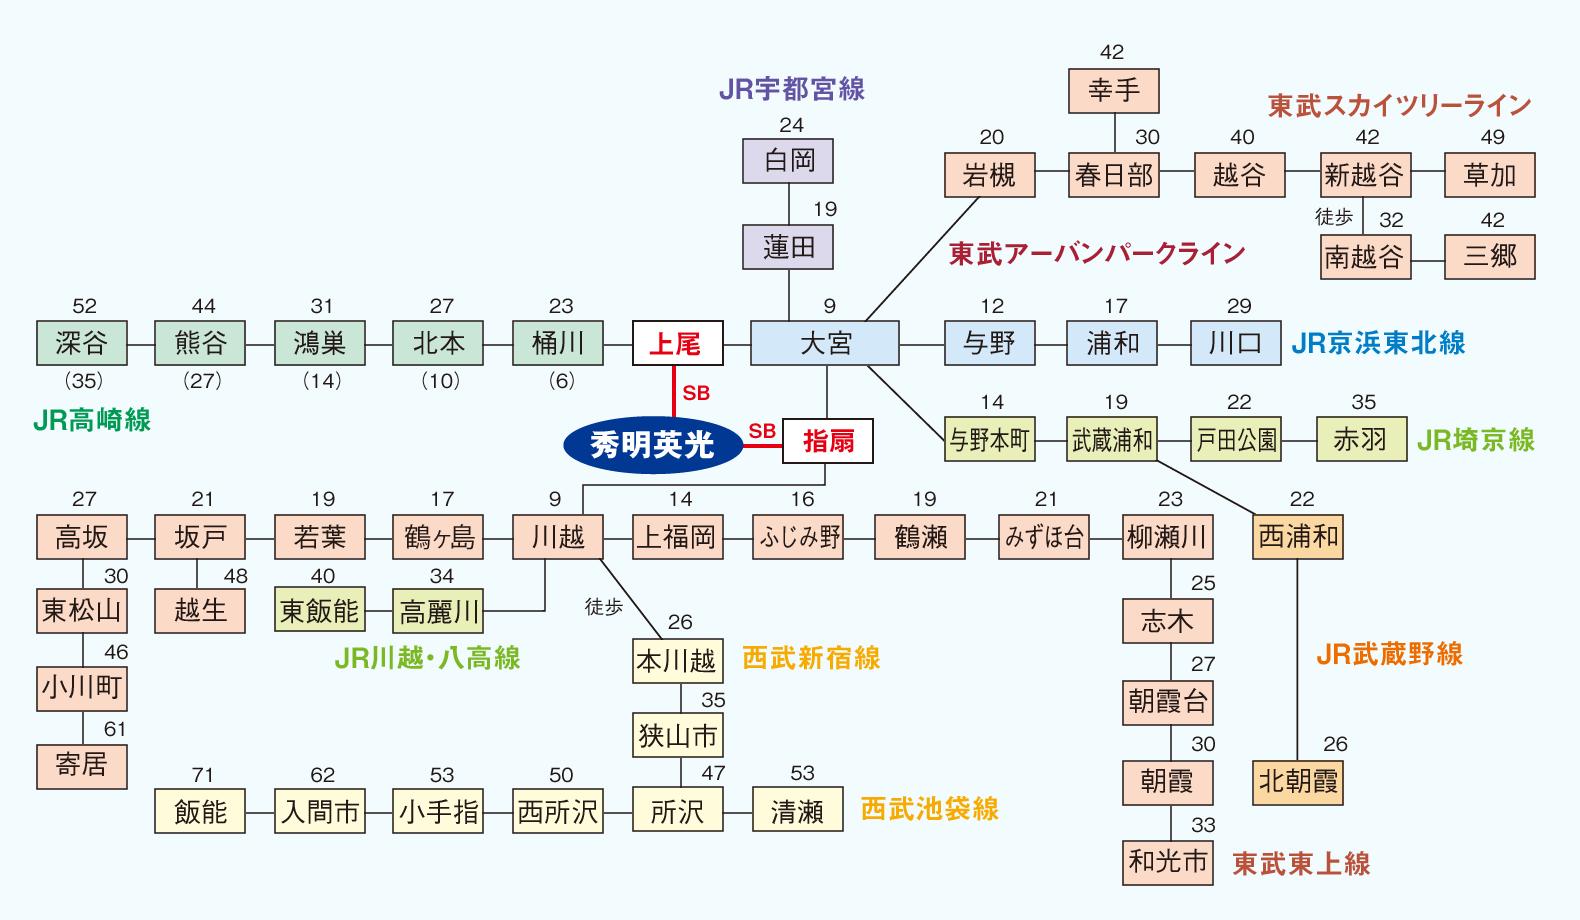 通学エリアおよび秀明英光高等学校の最寄駅までの所要時間を示す概略図です。